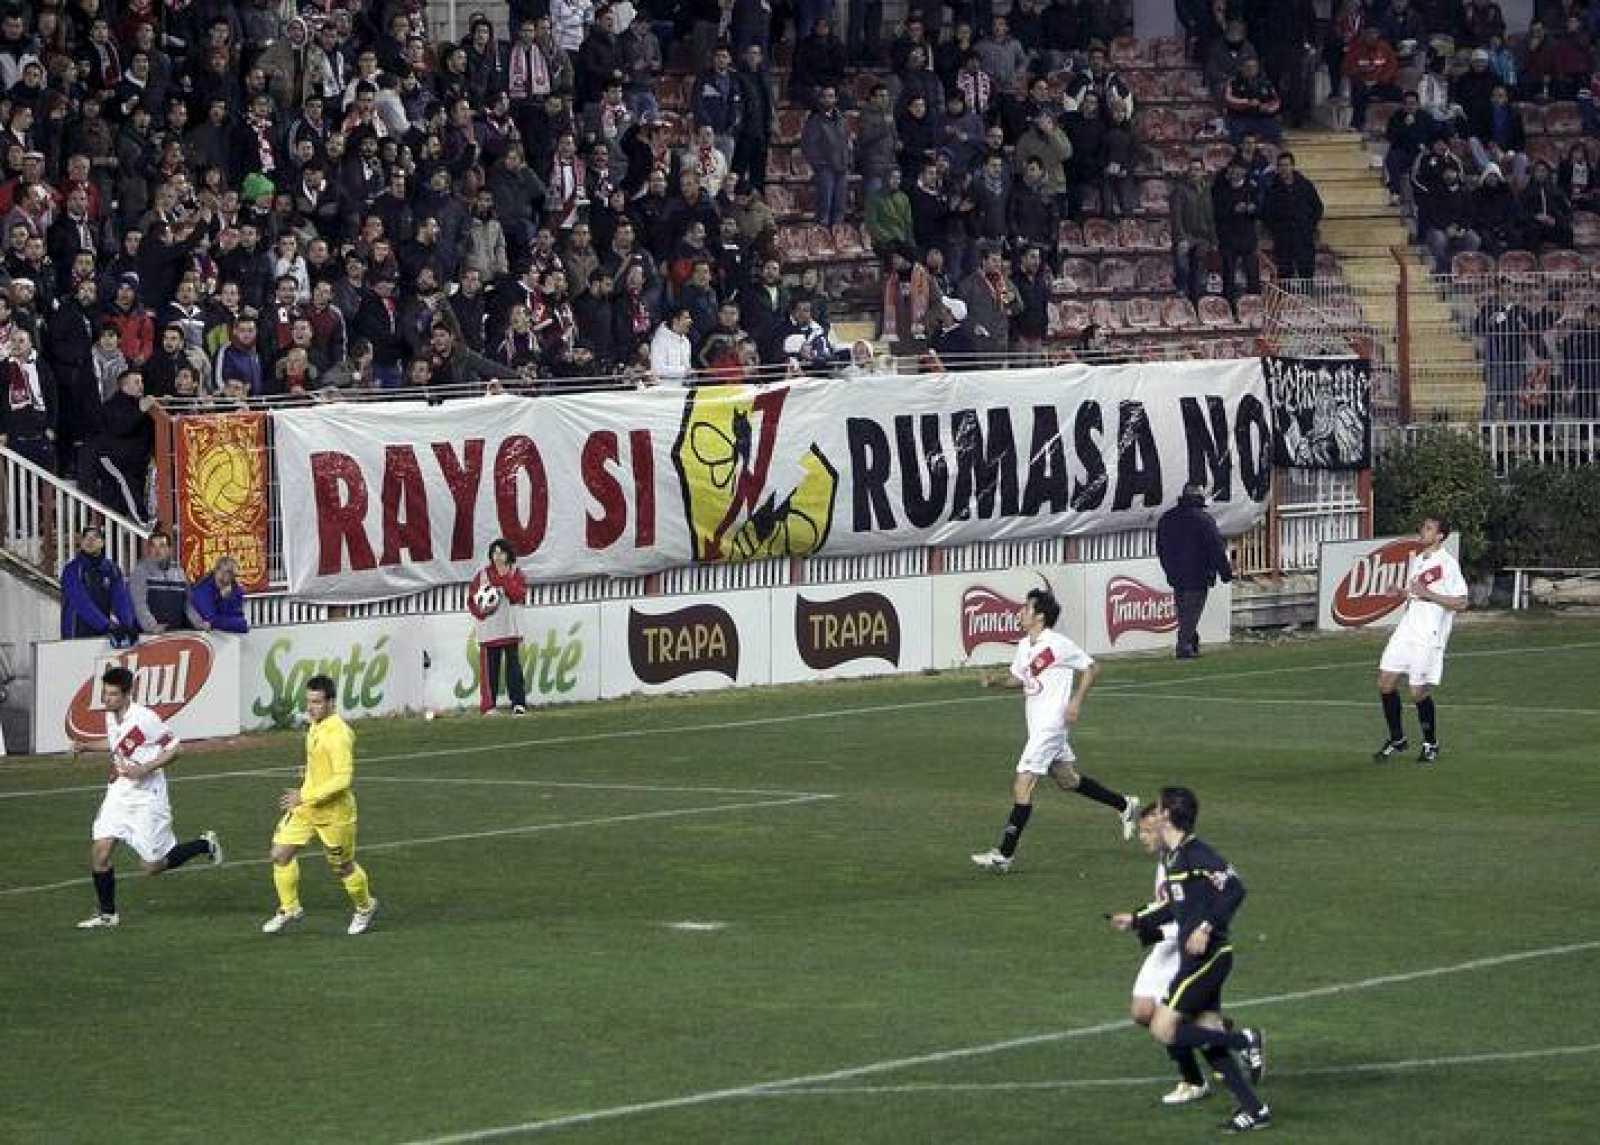 El Rayo Vallecano se acogió a la ley concursal la temporada pasada, en Segunda